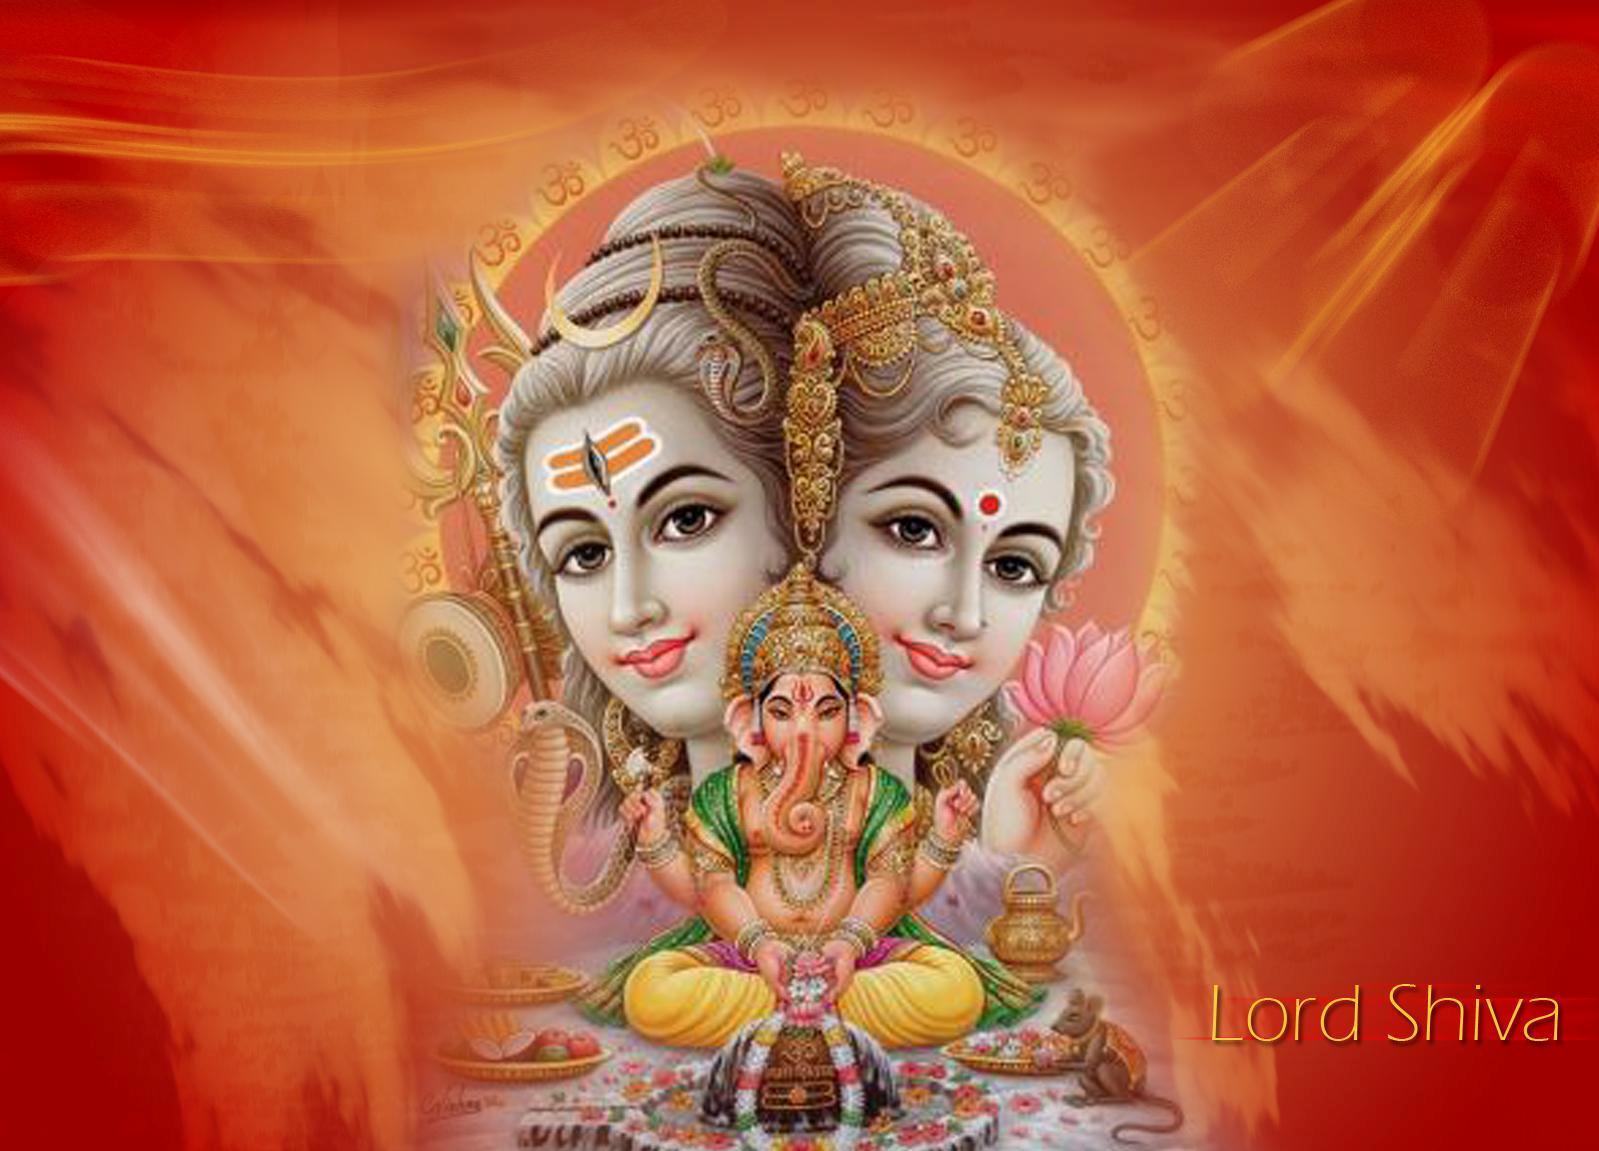 hindu gods wallpapergod wallpaperhindu god imageshindu god shiva 1599x1151